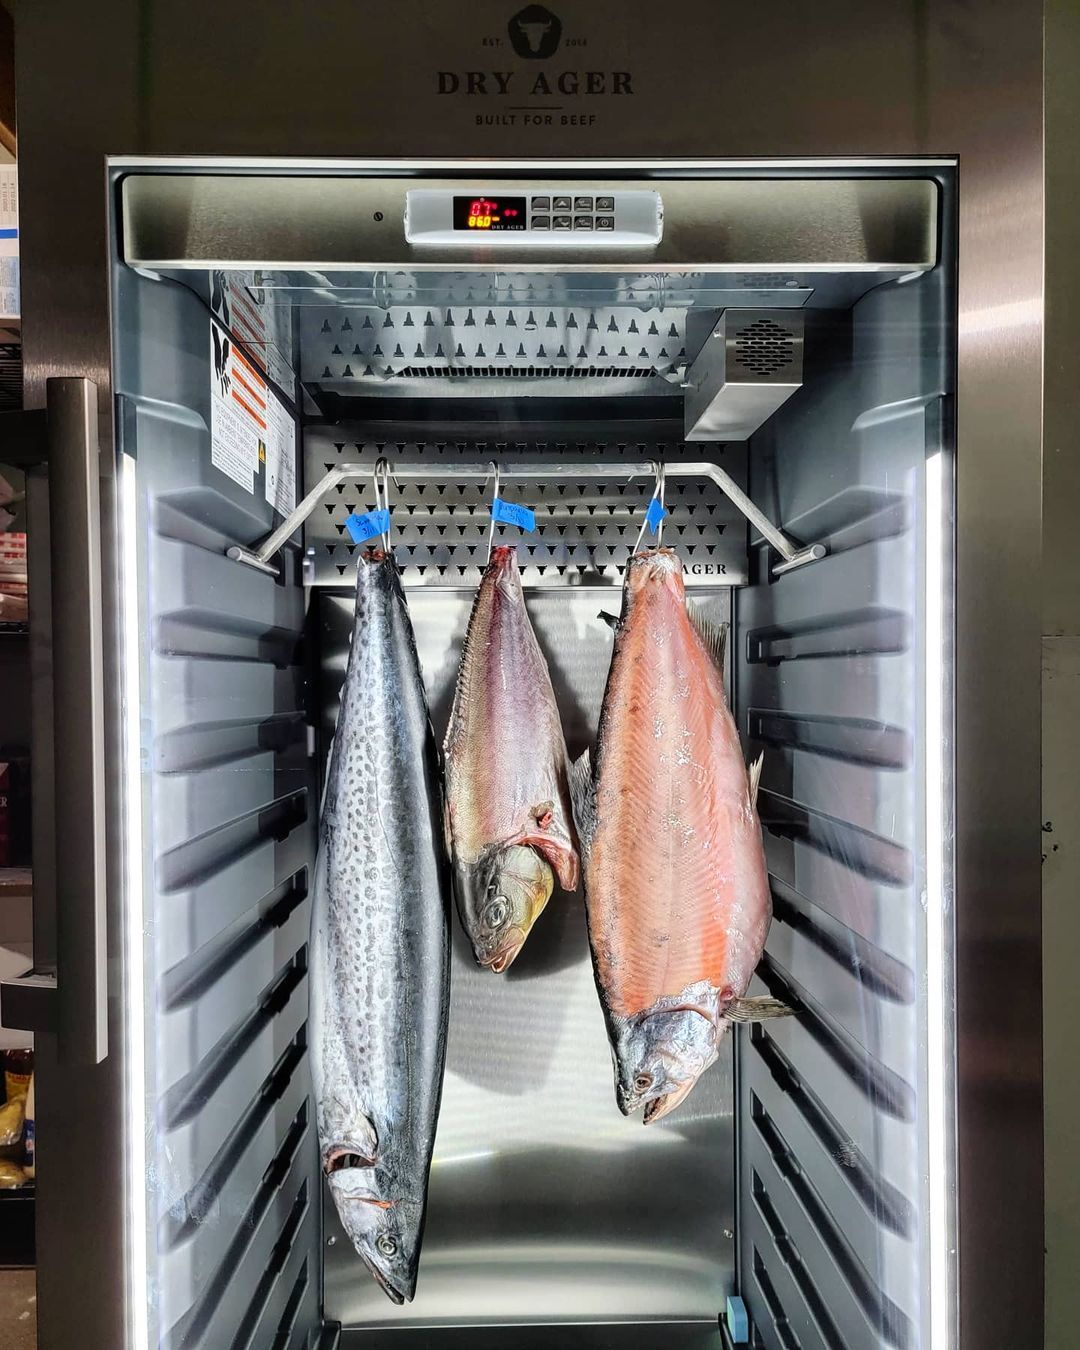 Шкафы Dry Ager – революция в приготовлении рыбы